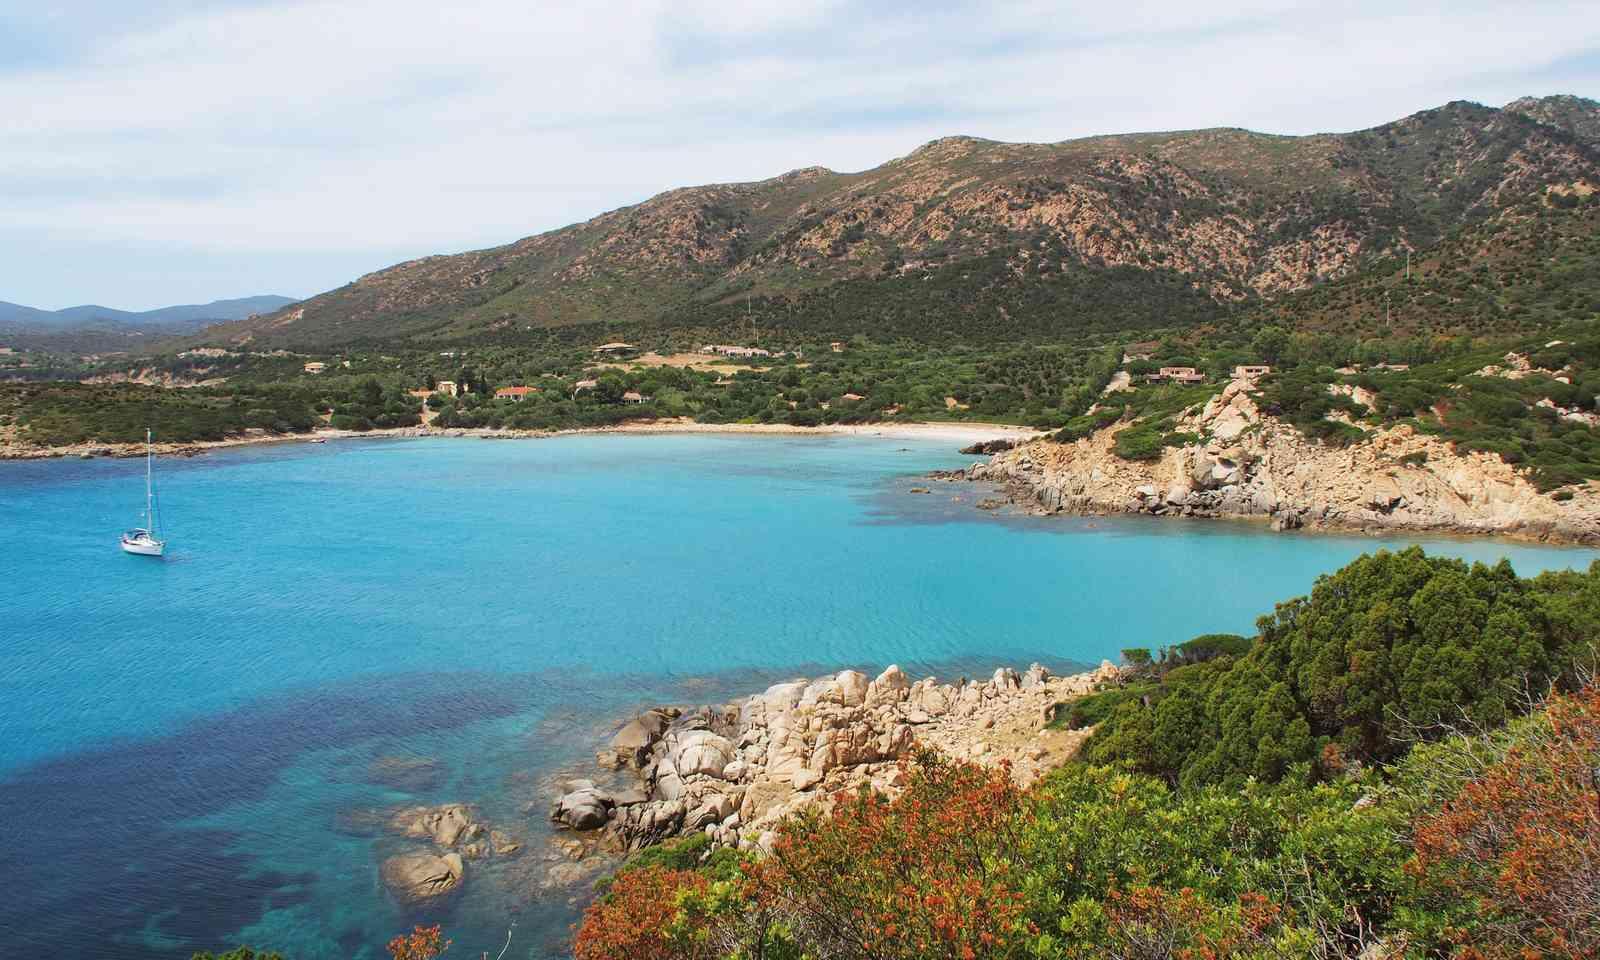 The coast near Pula (Dreamstime)